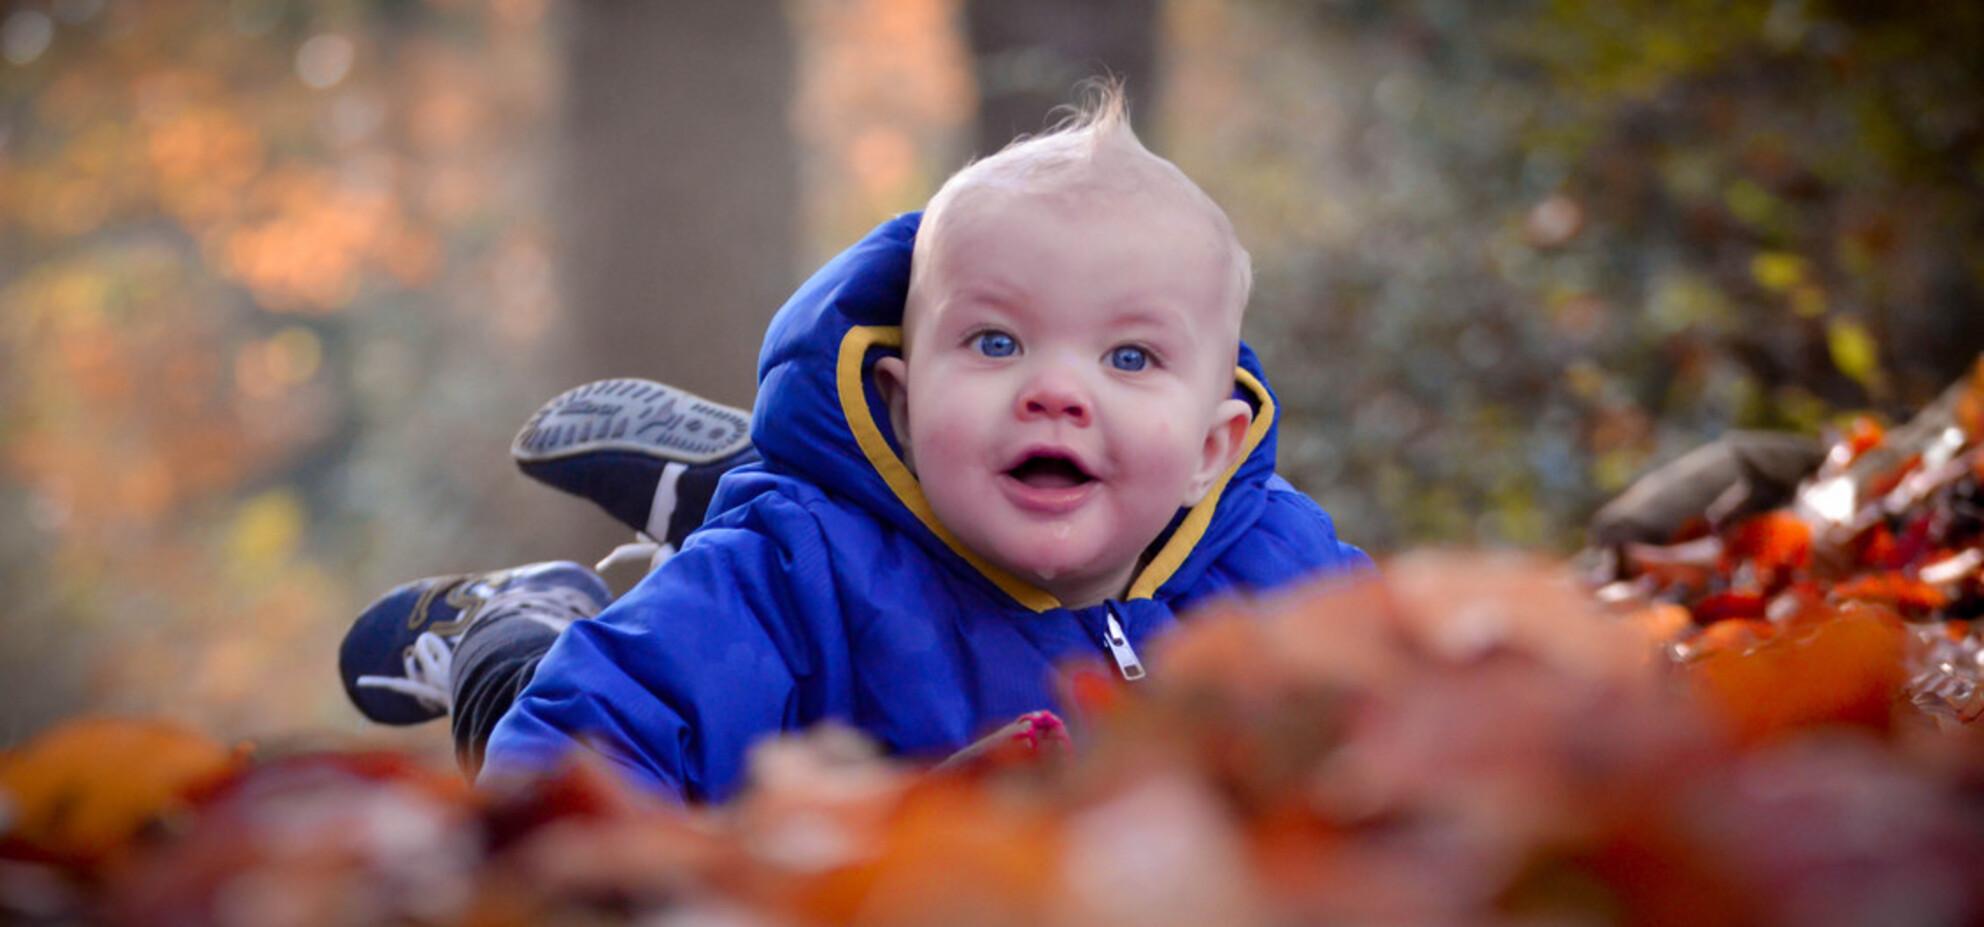 Neefje in het bos - Vorige week zondag lekker het bos weer in geweest met mijn kleine neefje:) - foto door marthinezruit op 30-11-2014 - deze foto bevat: groen, mensen, rood, blauw, bruin, oranje, herfst, schaduw, bos, liefde, daglicht, baby, ogen, lachen, lief, scherpte diepte